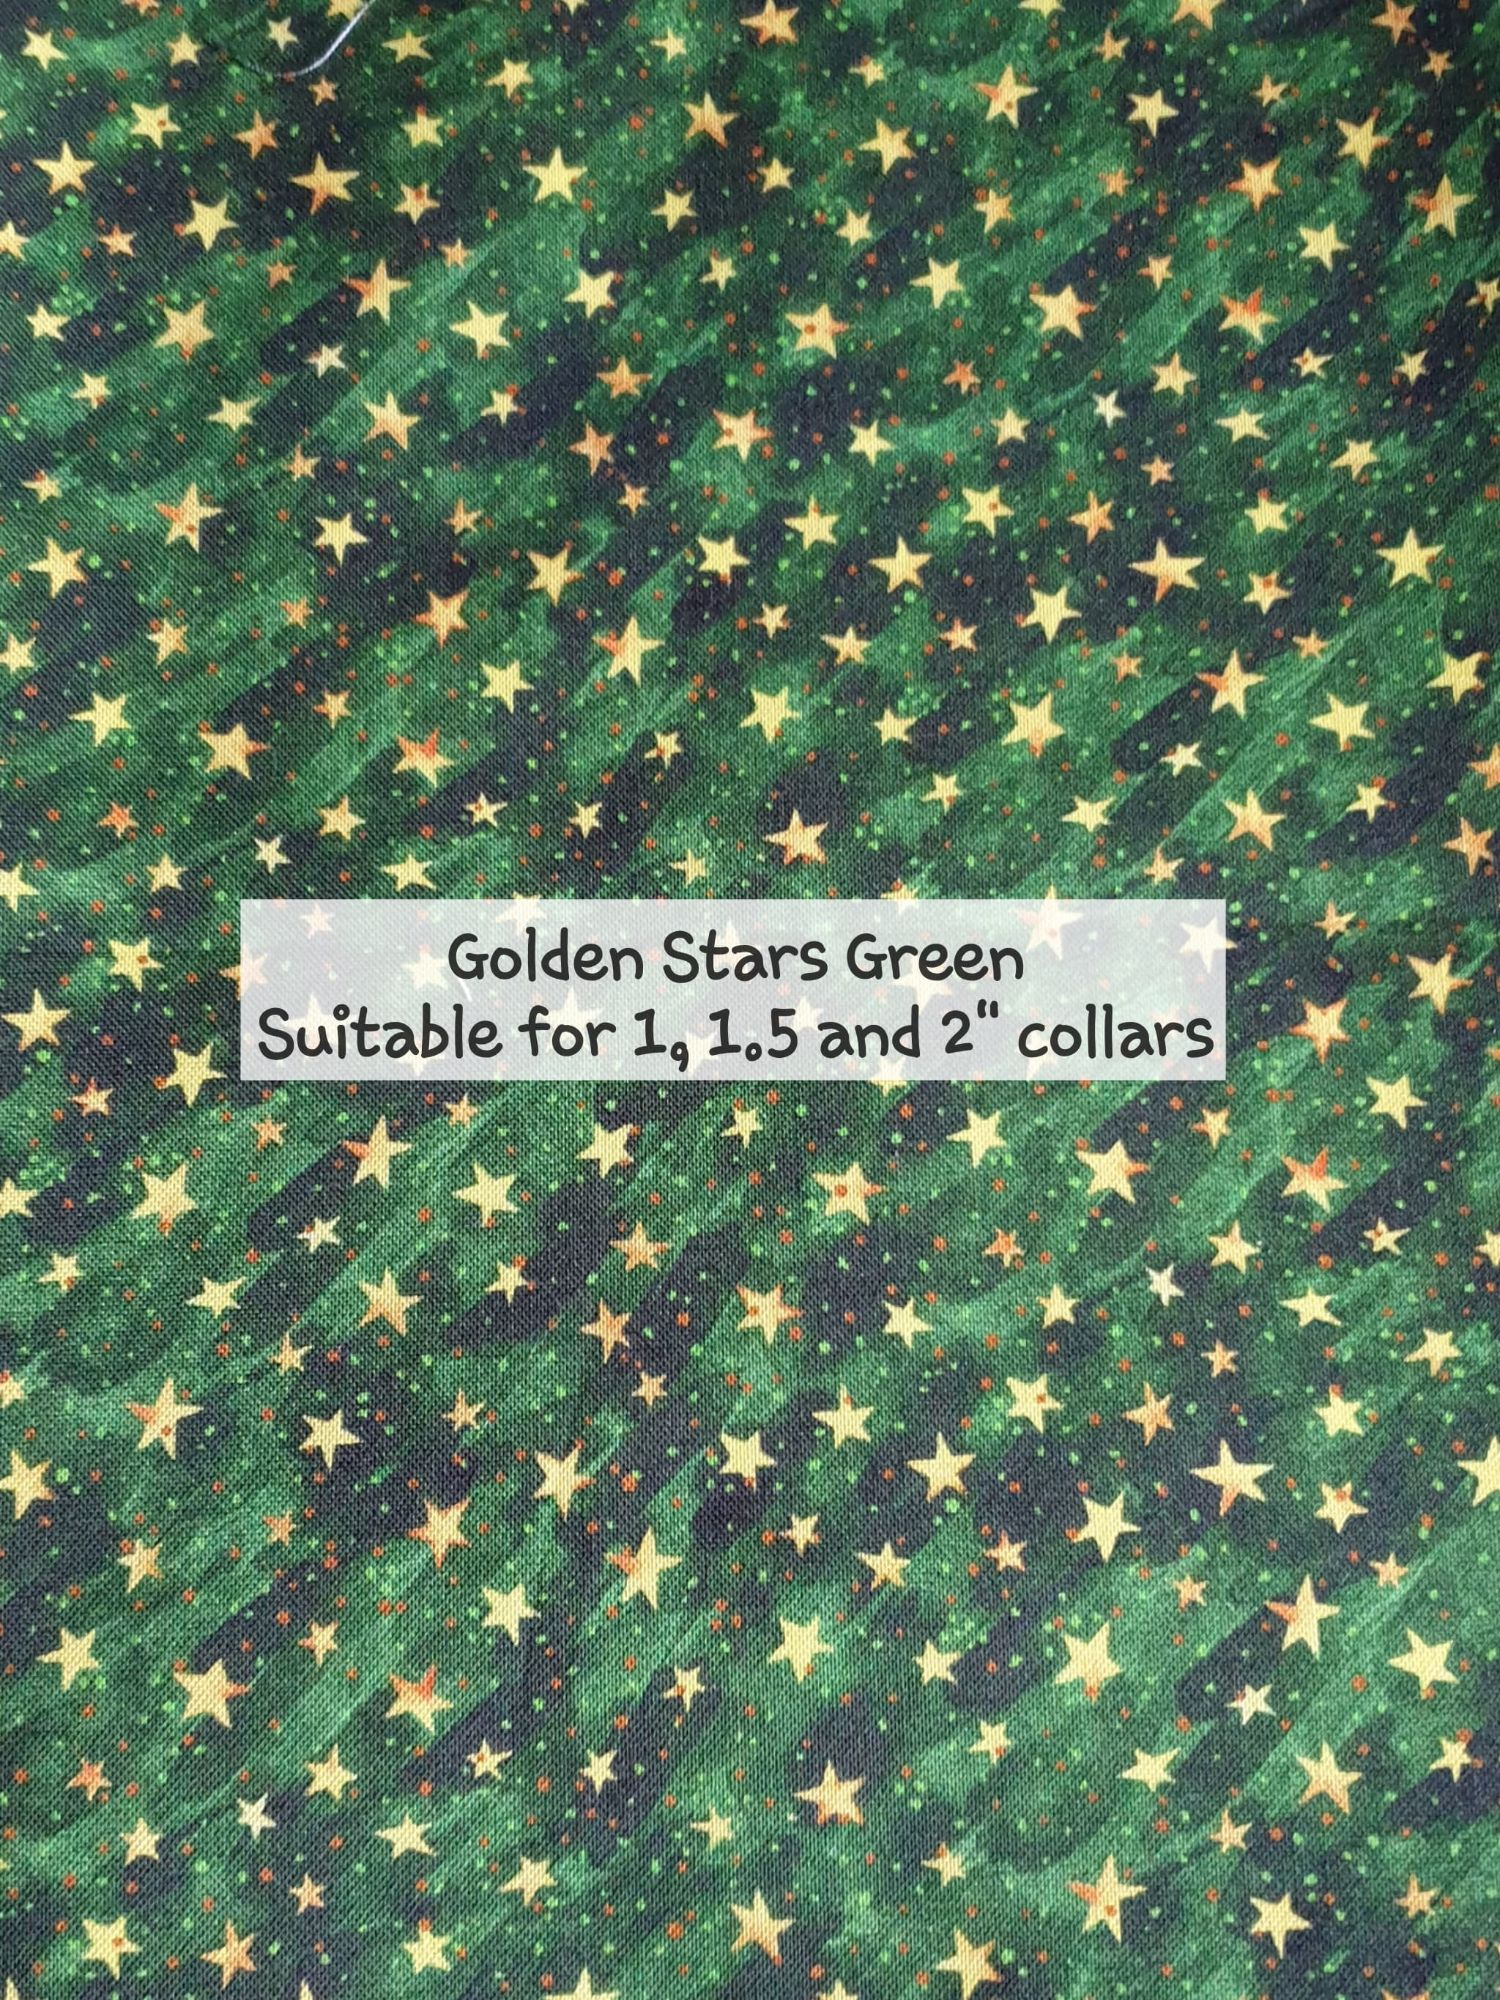 Golden Stars Green